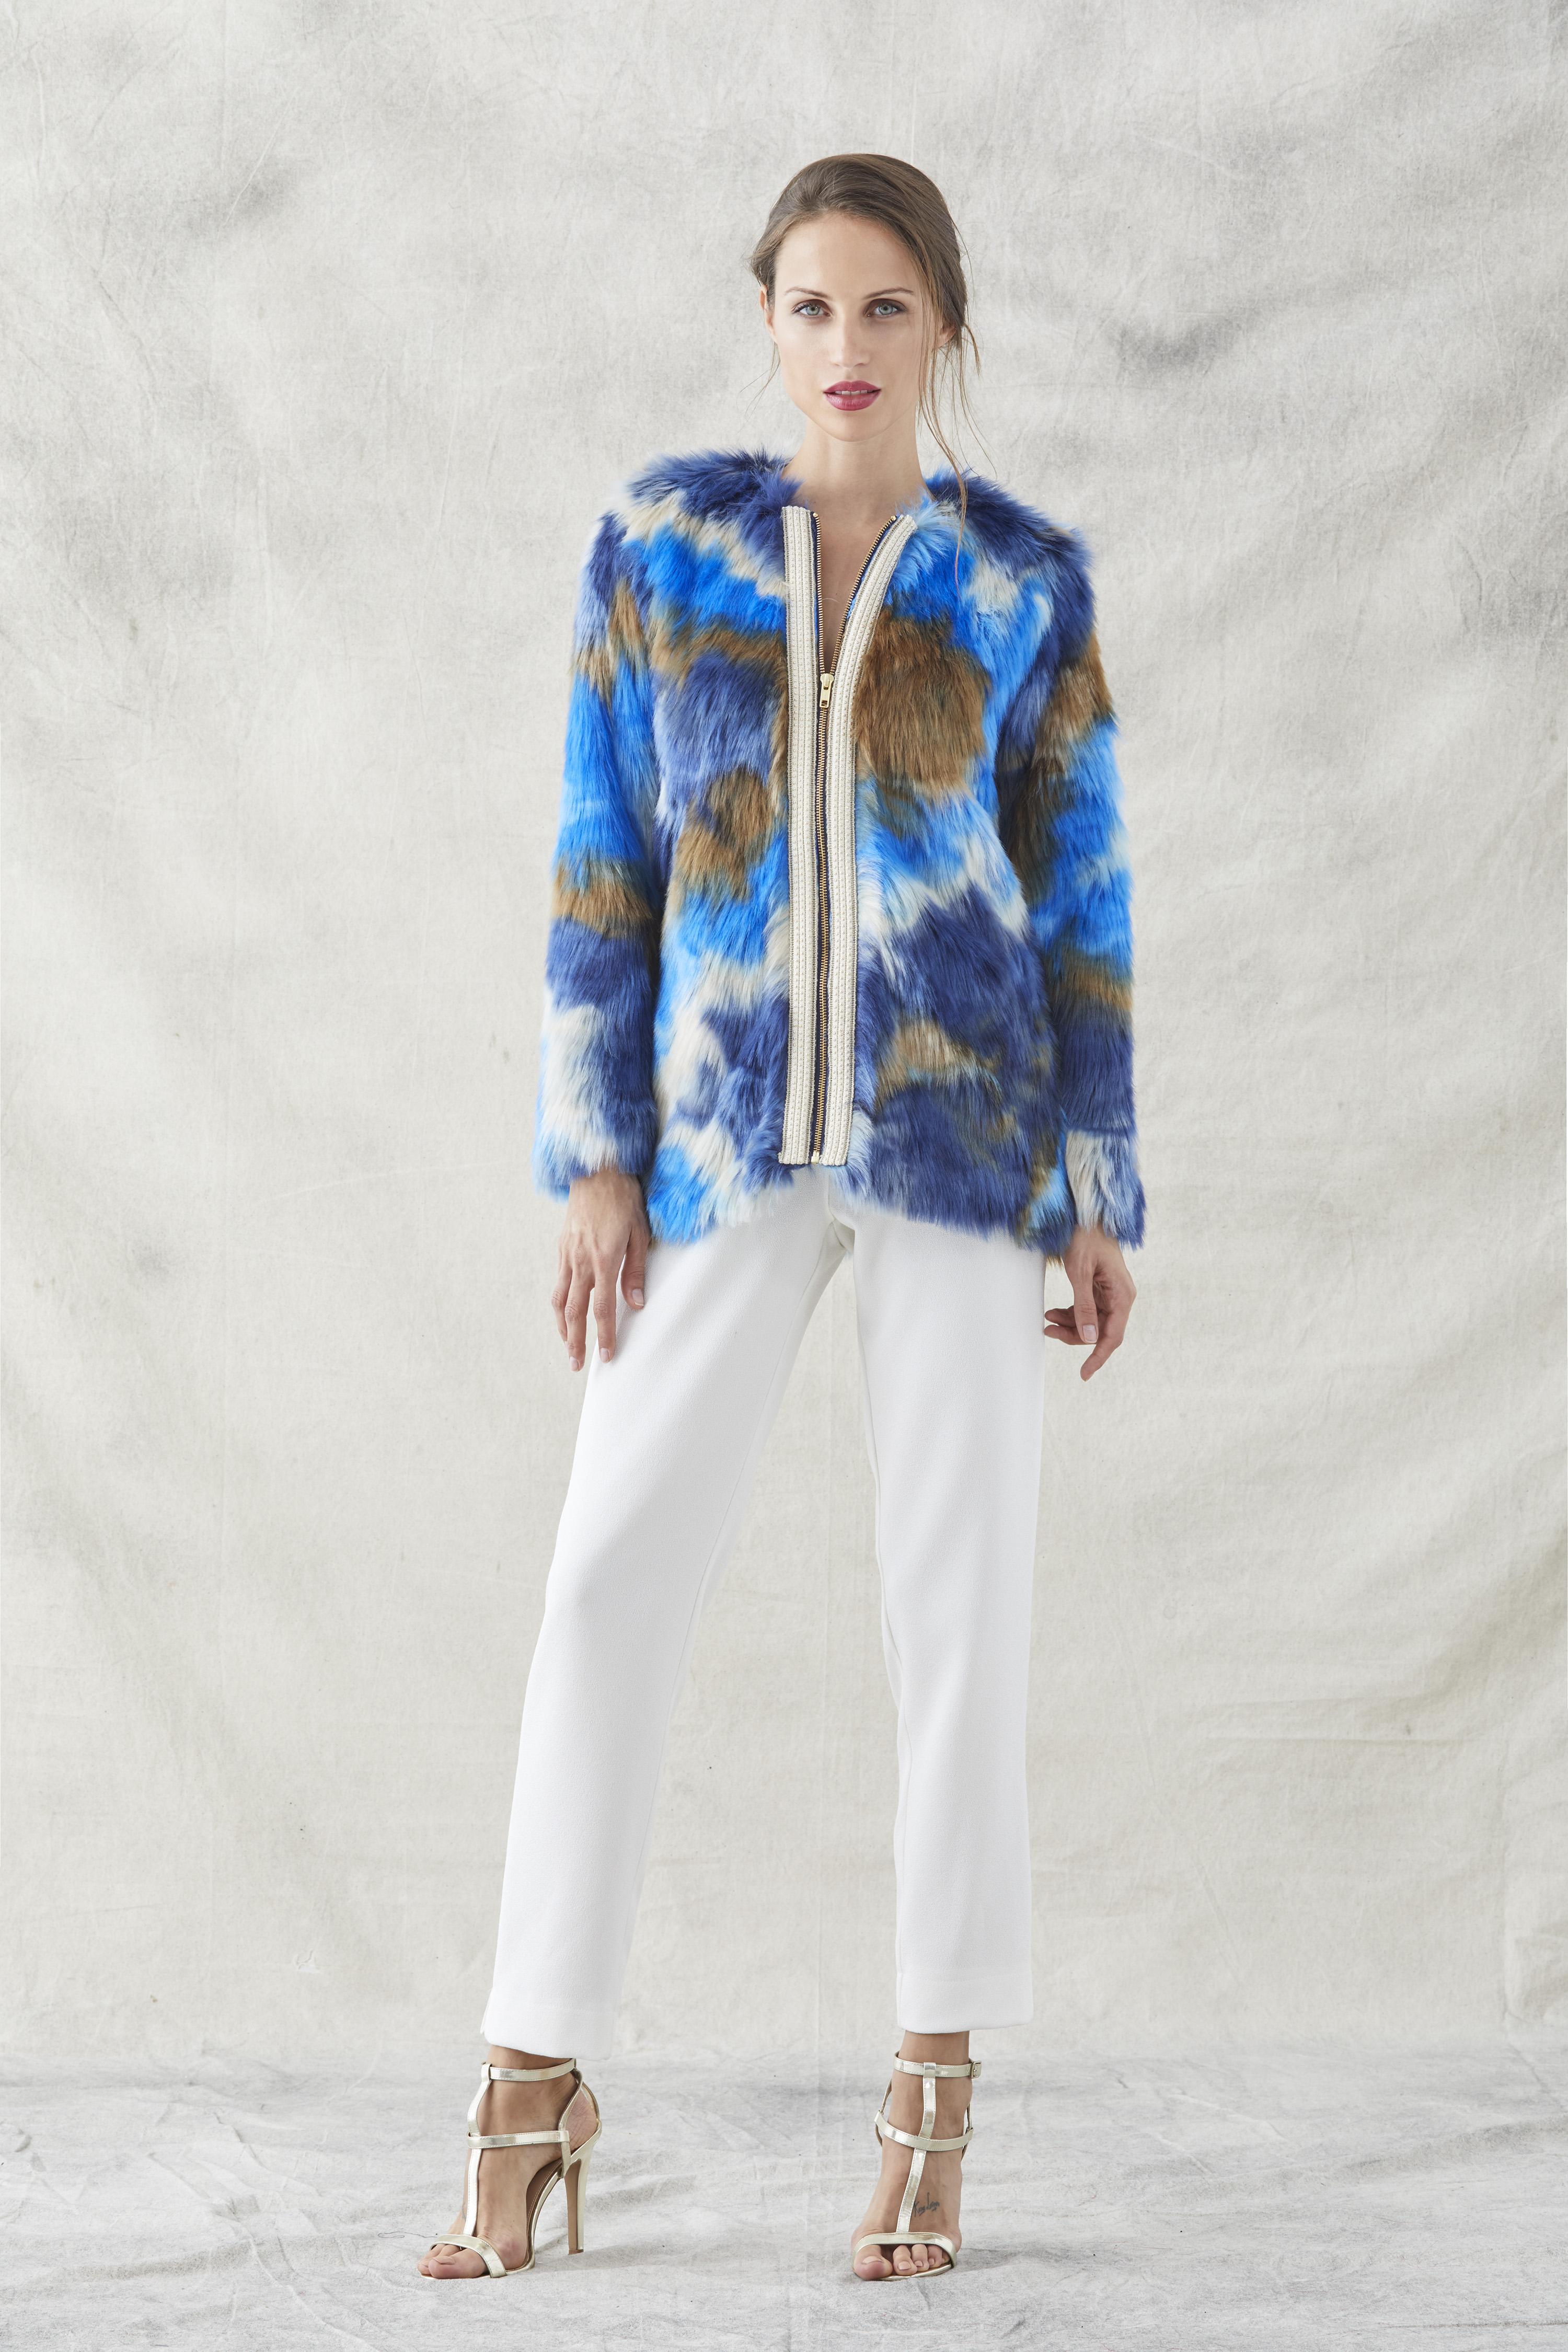 abrigo de pelo azul y marron con pasamaneria de apparentia